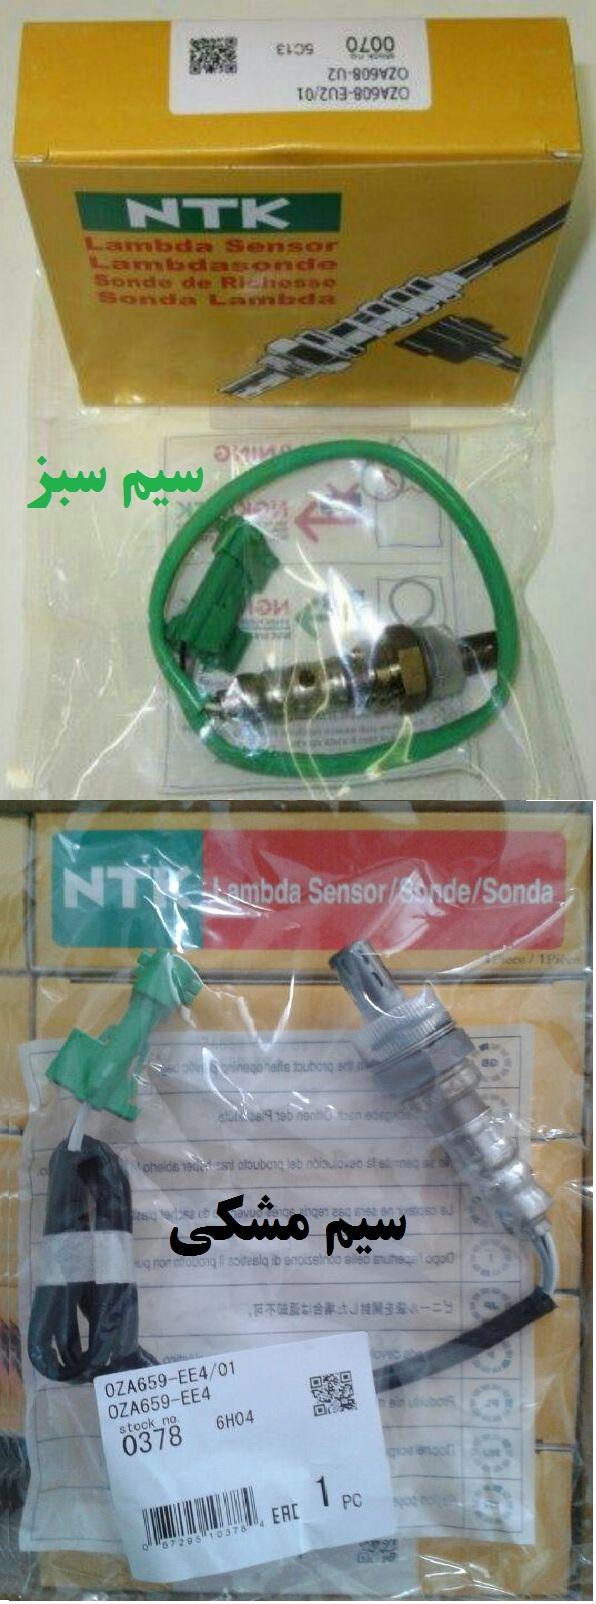 سنسور اکسیژن ساژمی سیم سبز و سیم مشکی  NTK   اصلی ژاپنی